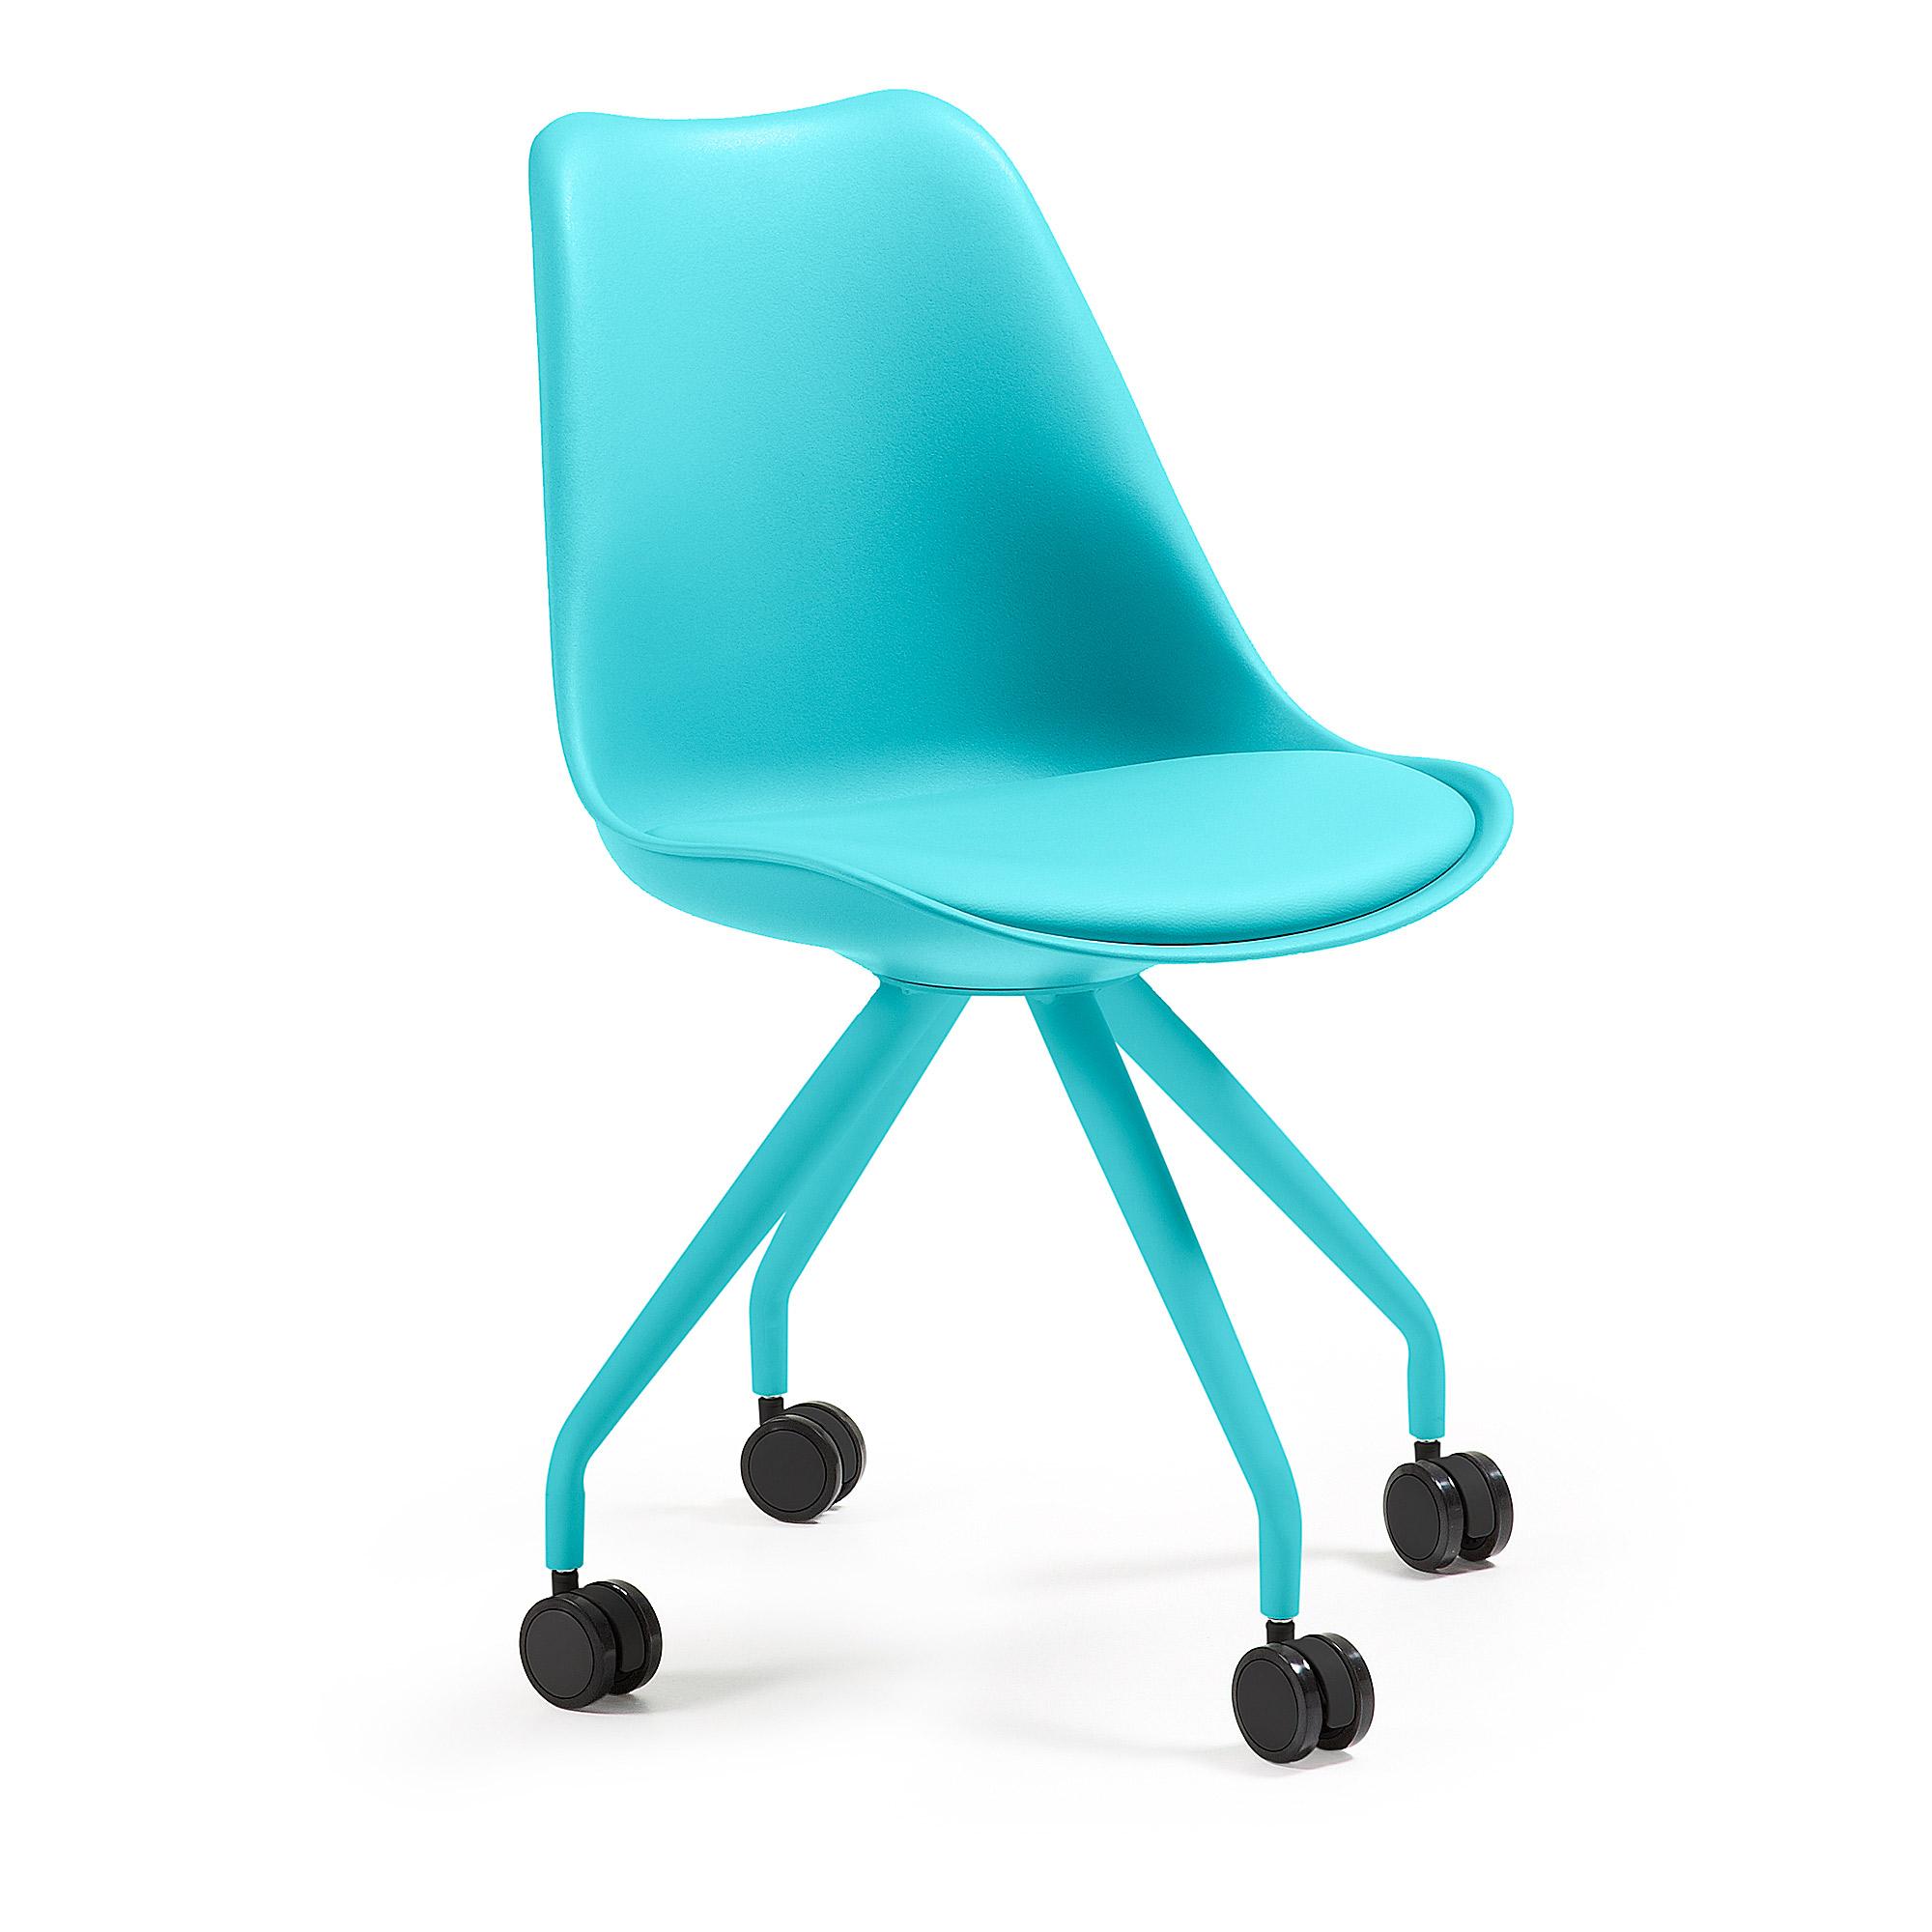 Купить Кресло на колесиках Julia Grup Lars (голубой), inmyroom, Испания